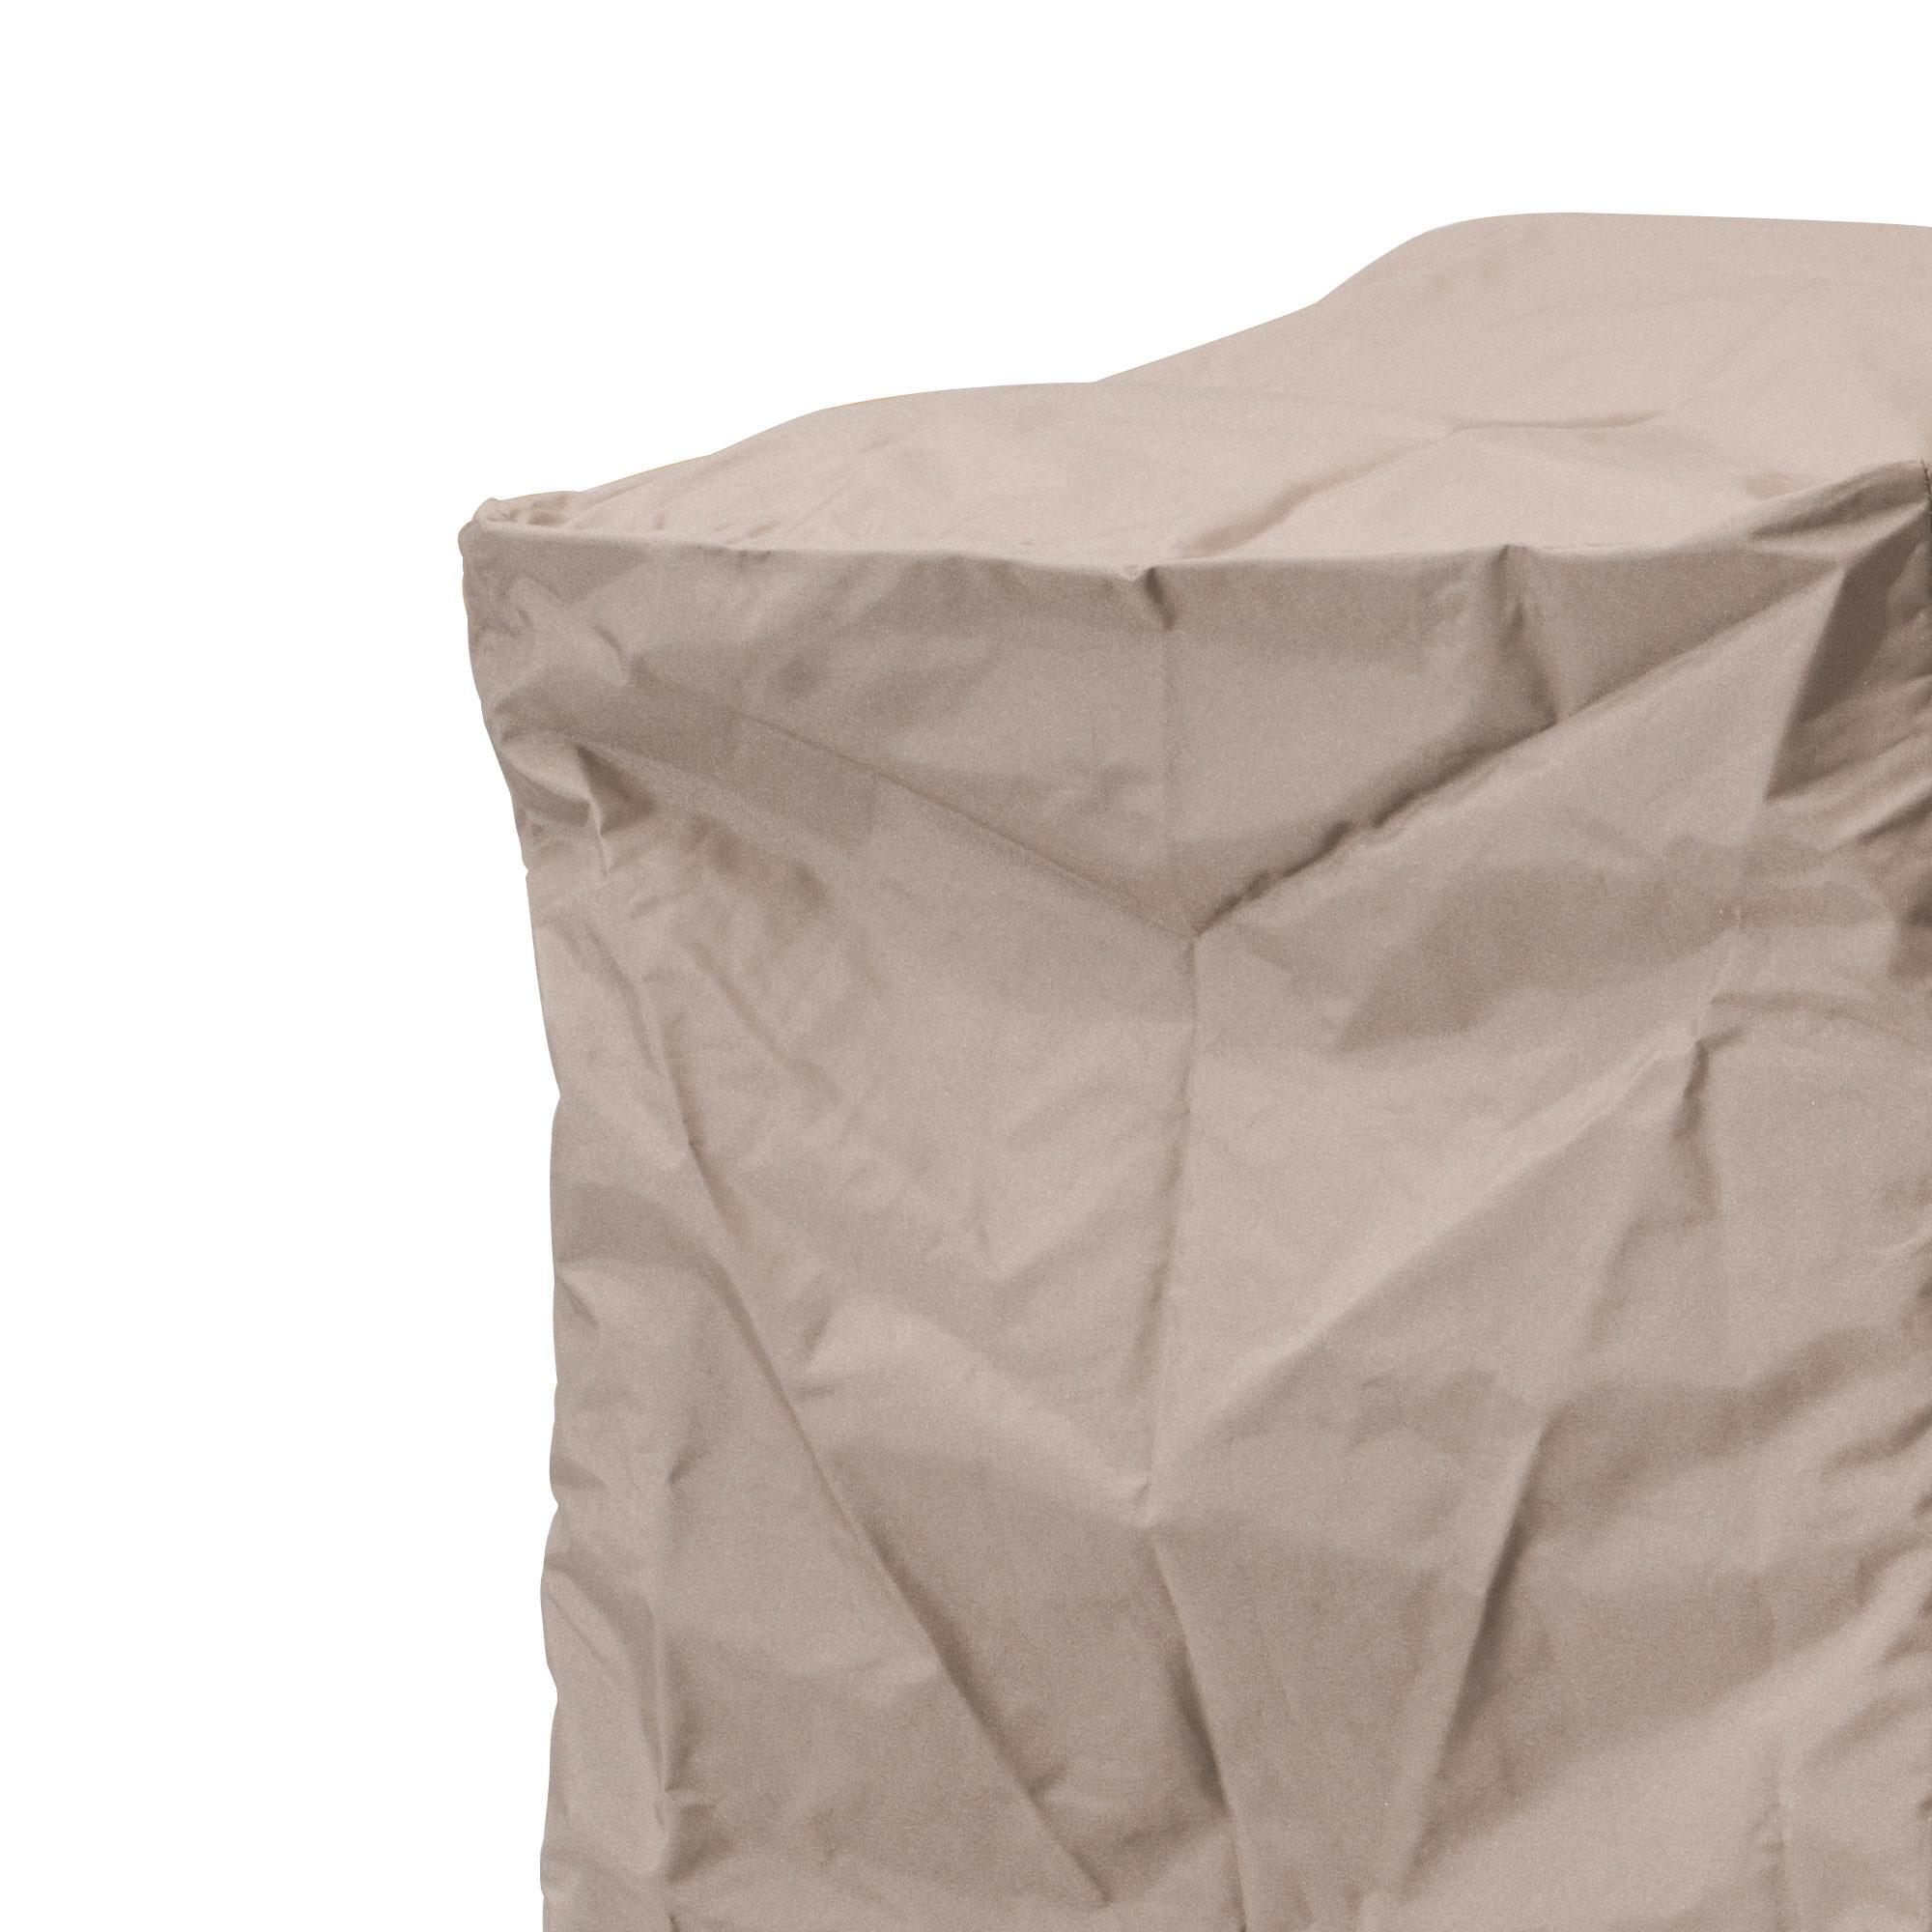 Kettal - Abdeckhaube für Pouf/Beistelltisch - braun/für alle Poufs/ Beistelltische | Garten > Gartenmöbel > Schutzhüllen | Braun | Kunststoff | Kettal